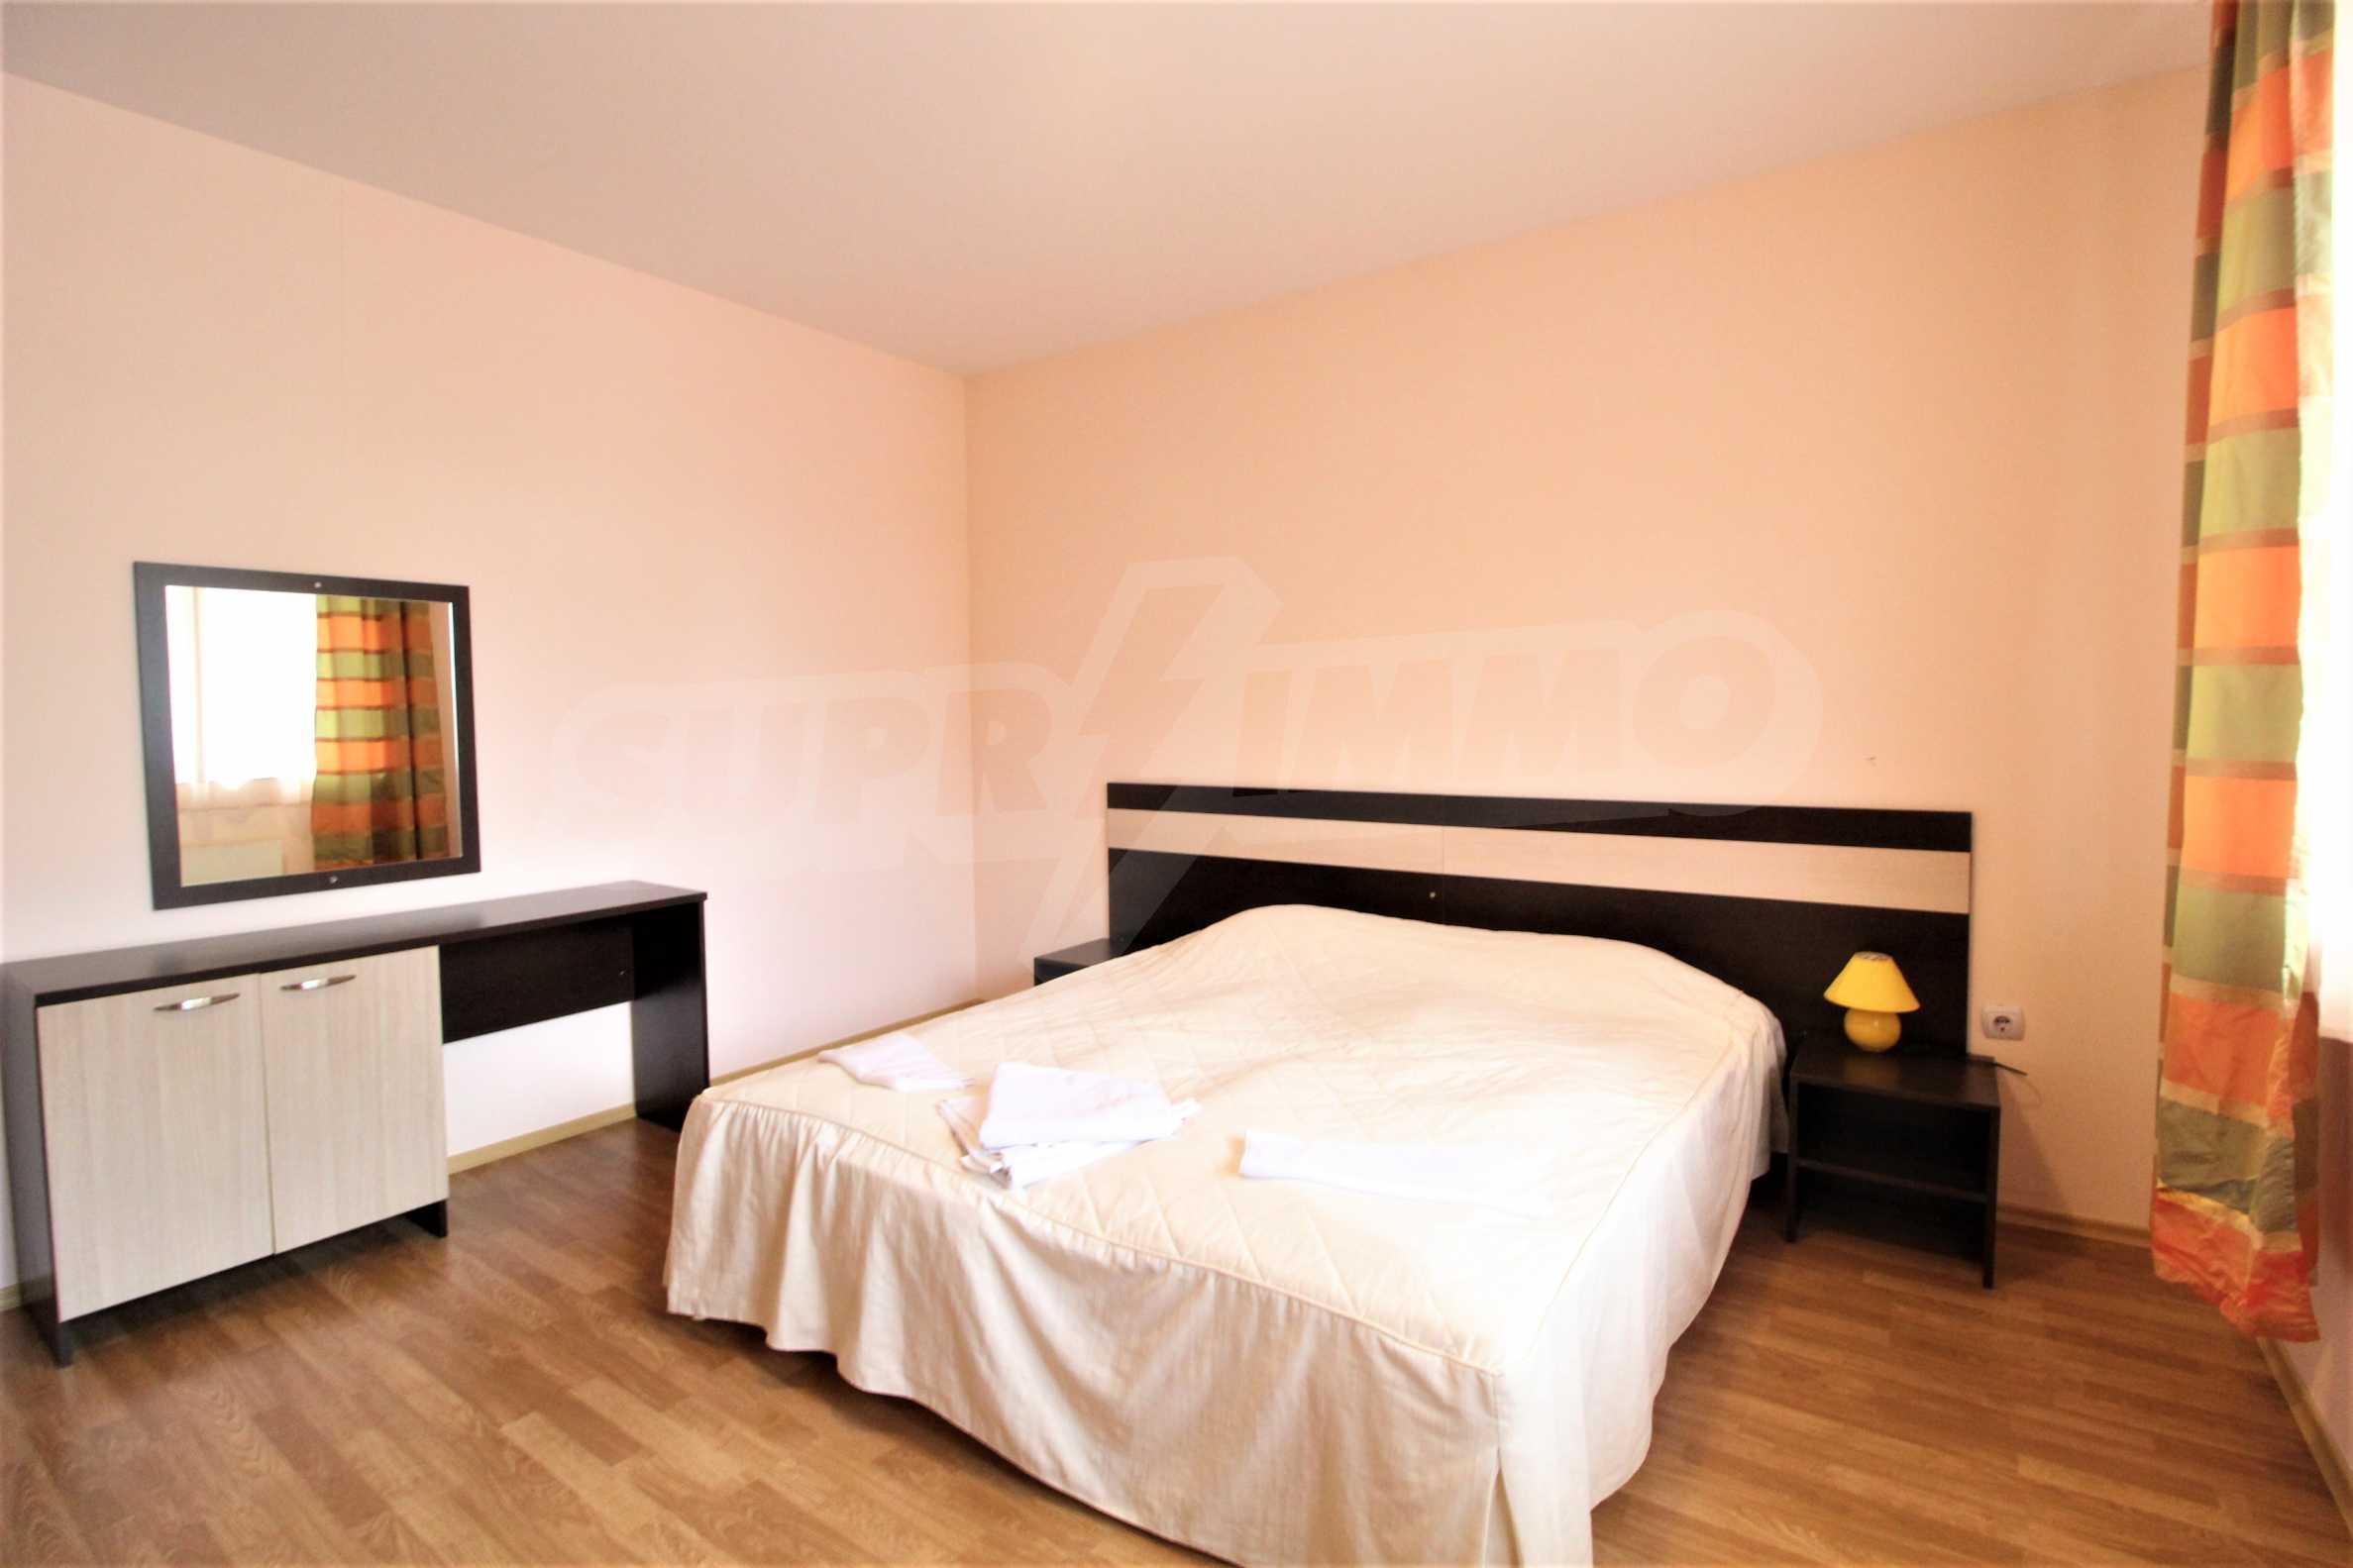 Обзаведен двустаен апартамент, разположен в близост до ски лифта в Банско 3